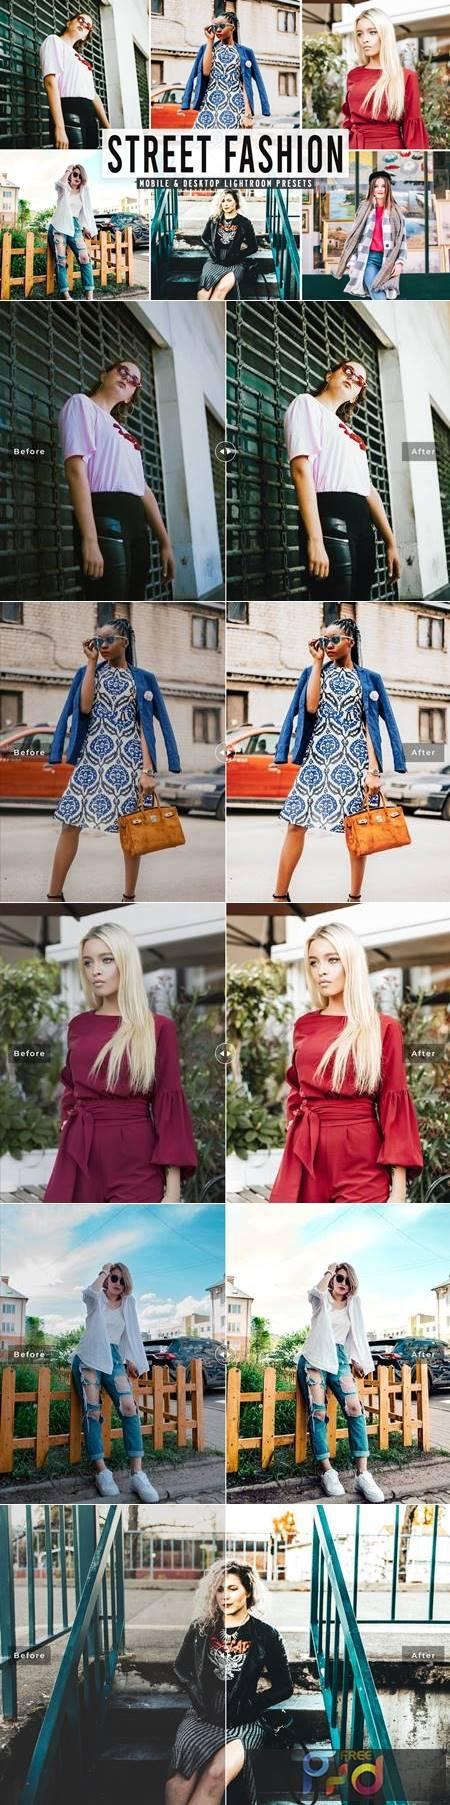 Street Fashion Mobile & Desktop Lightroom Presets ZPNS6QF 1